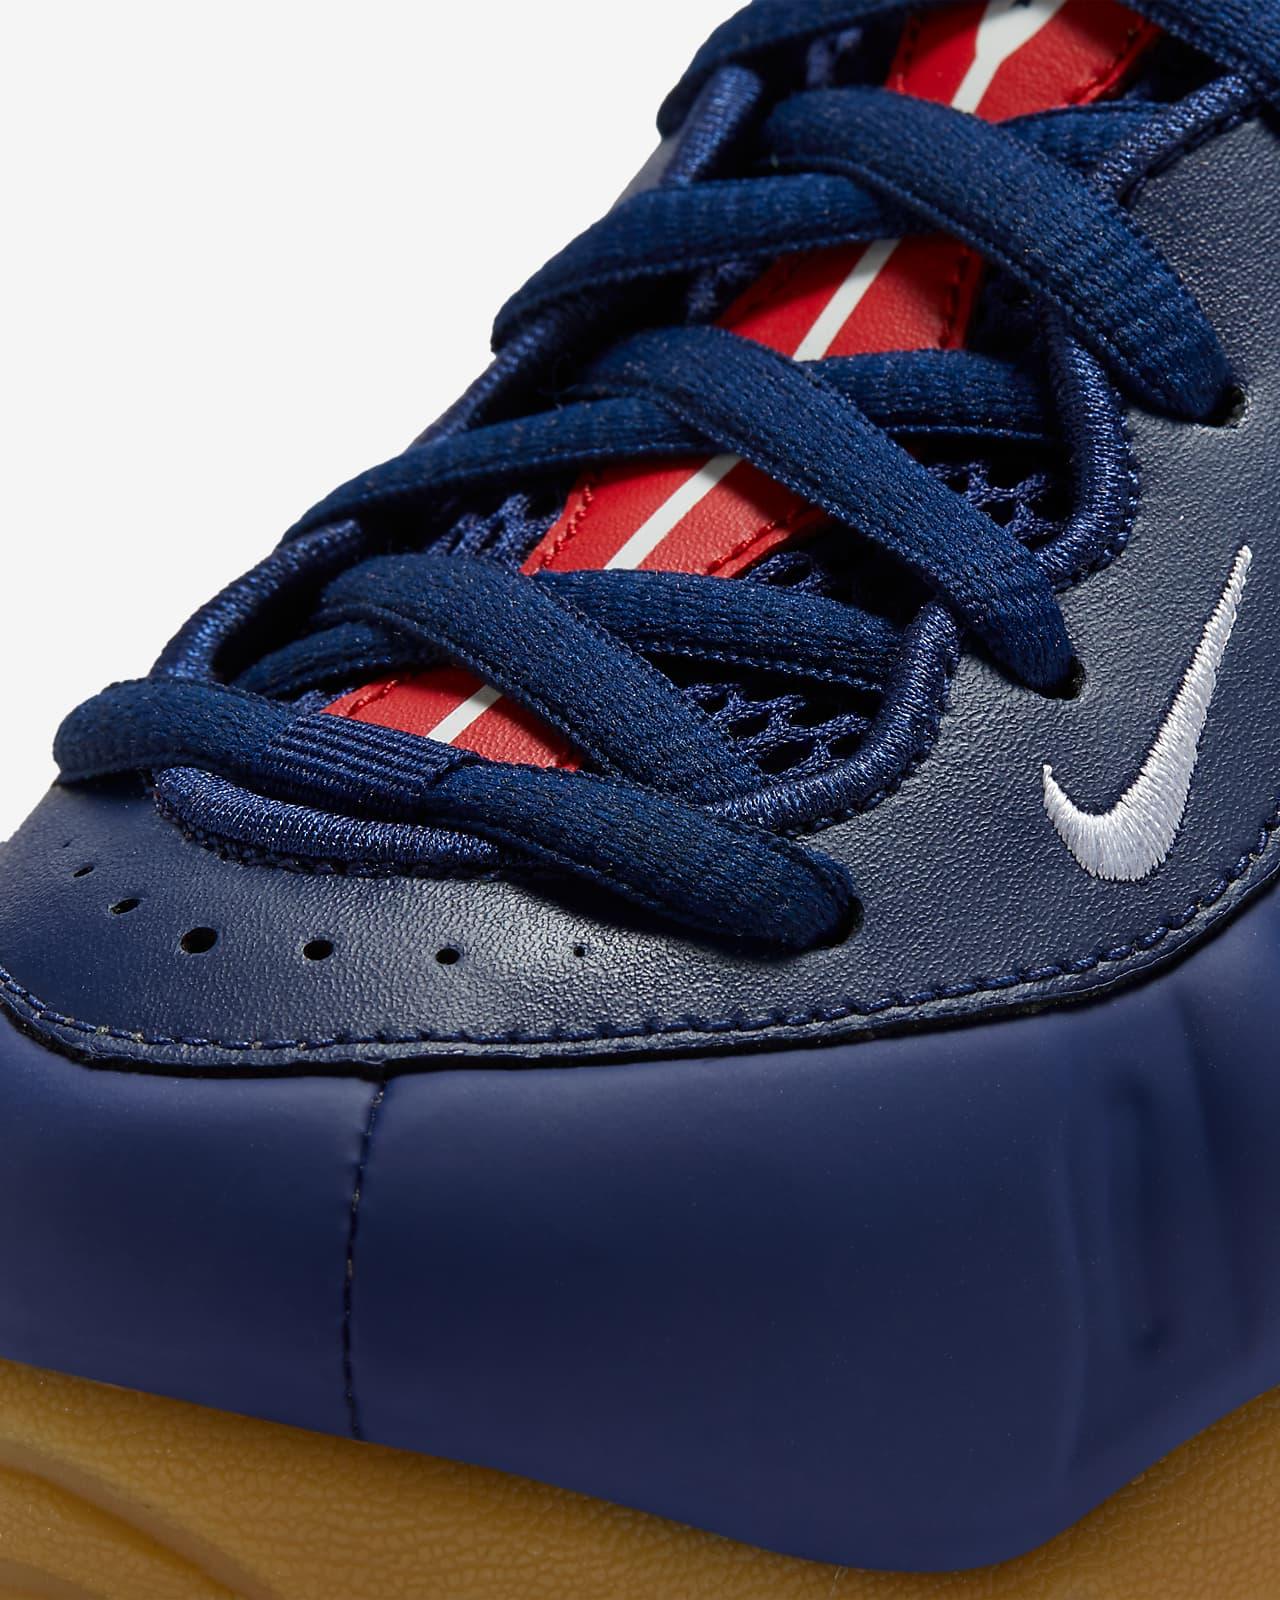 Nike Air Foamposite Pro Men's Shoe